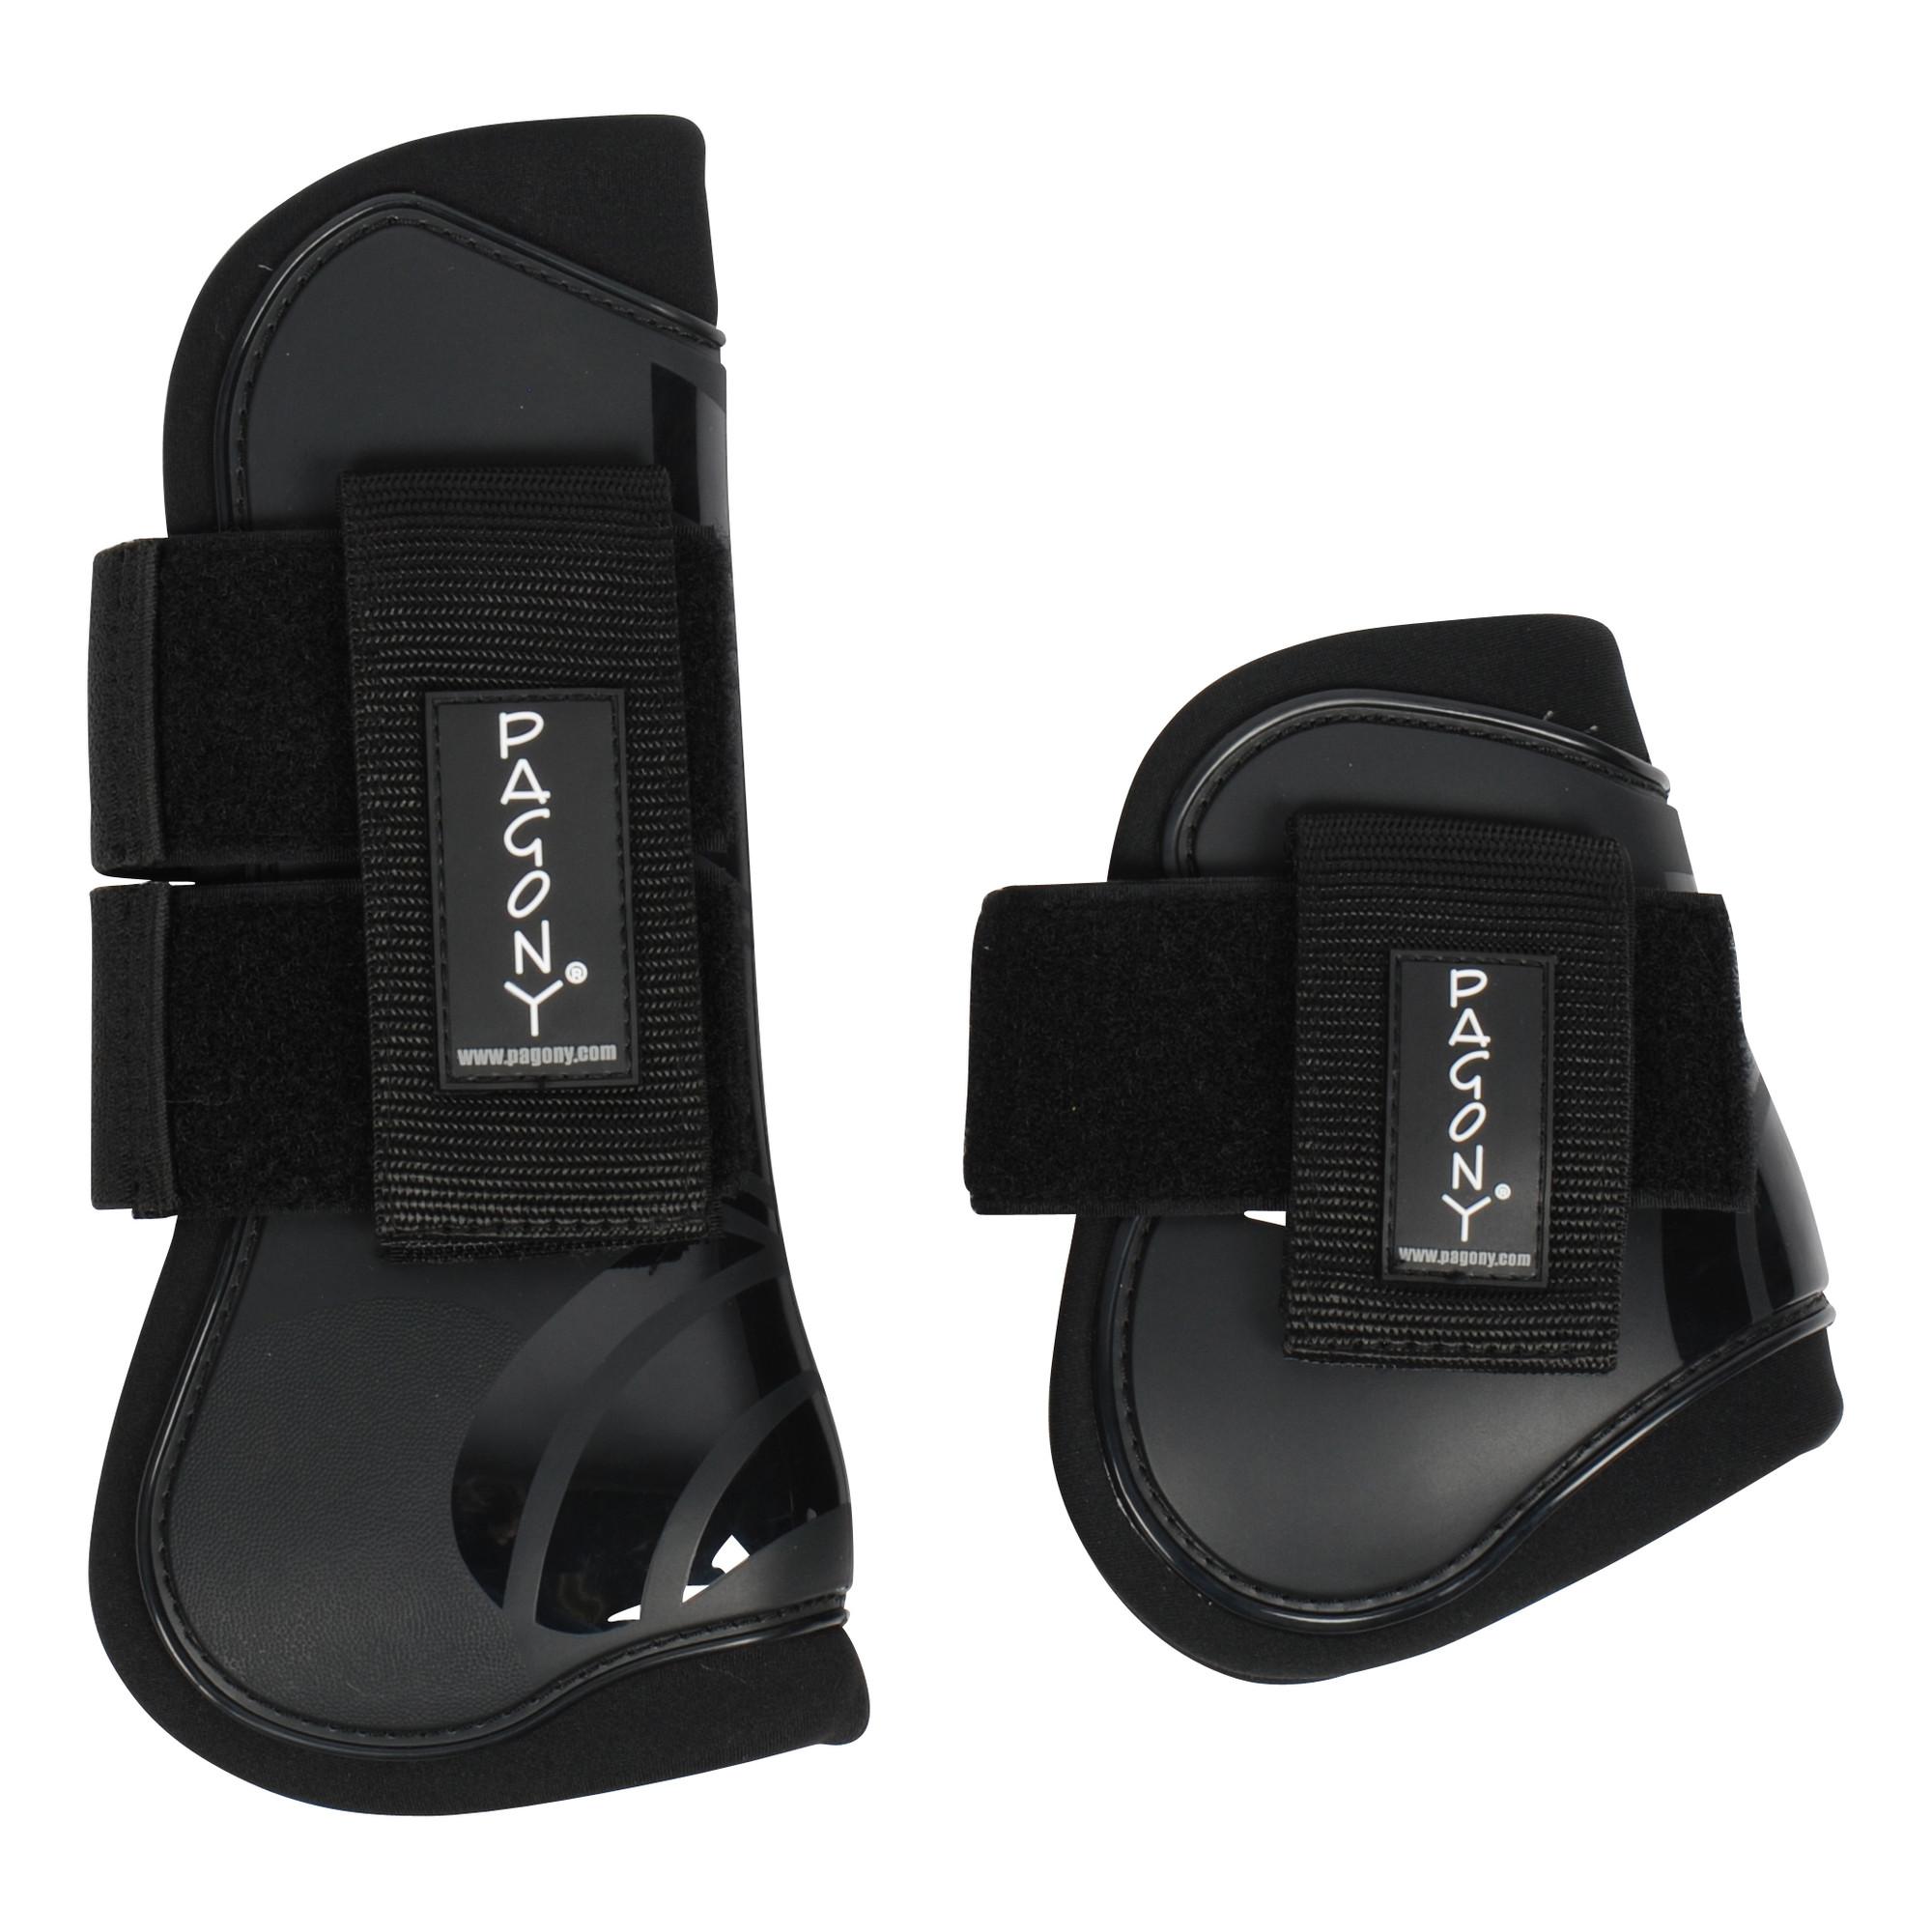 Pagony Pro Velcro Pees- en kogelbeschermerset zwart maat:full - Beenbescherming